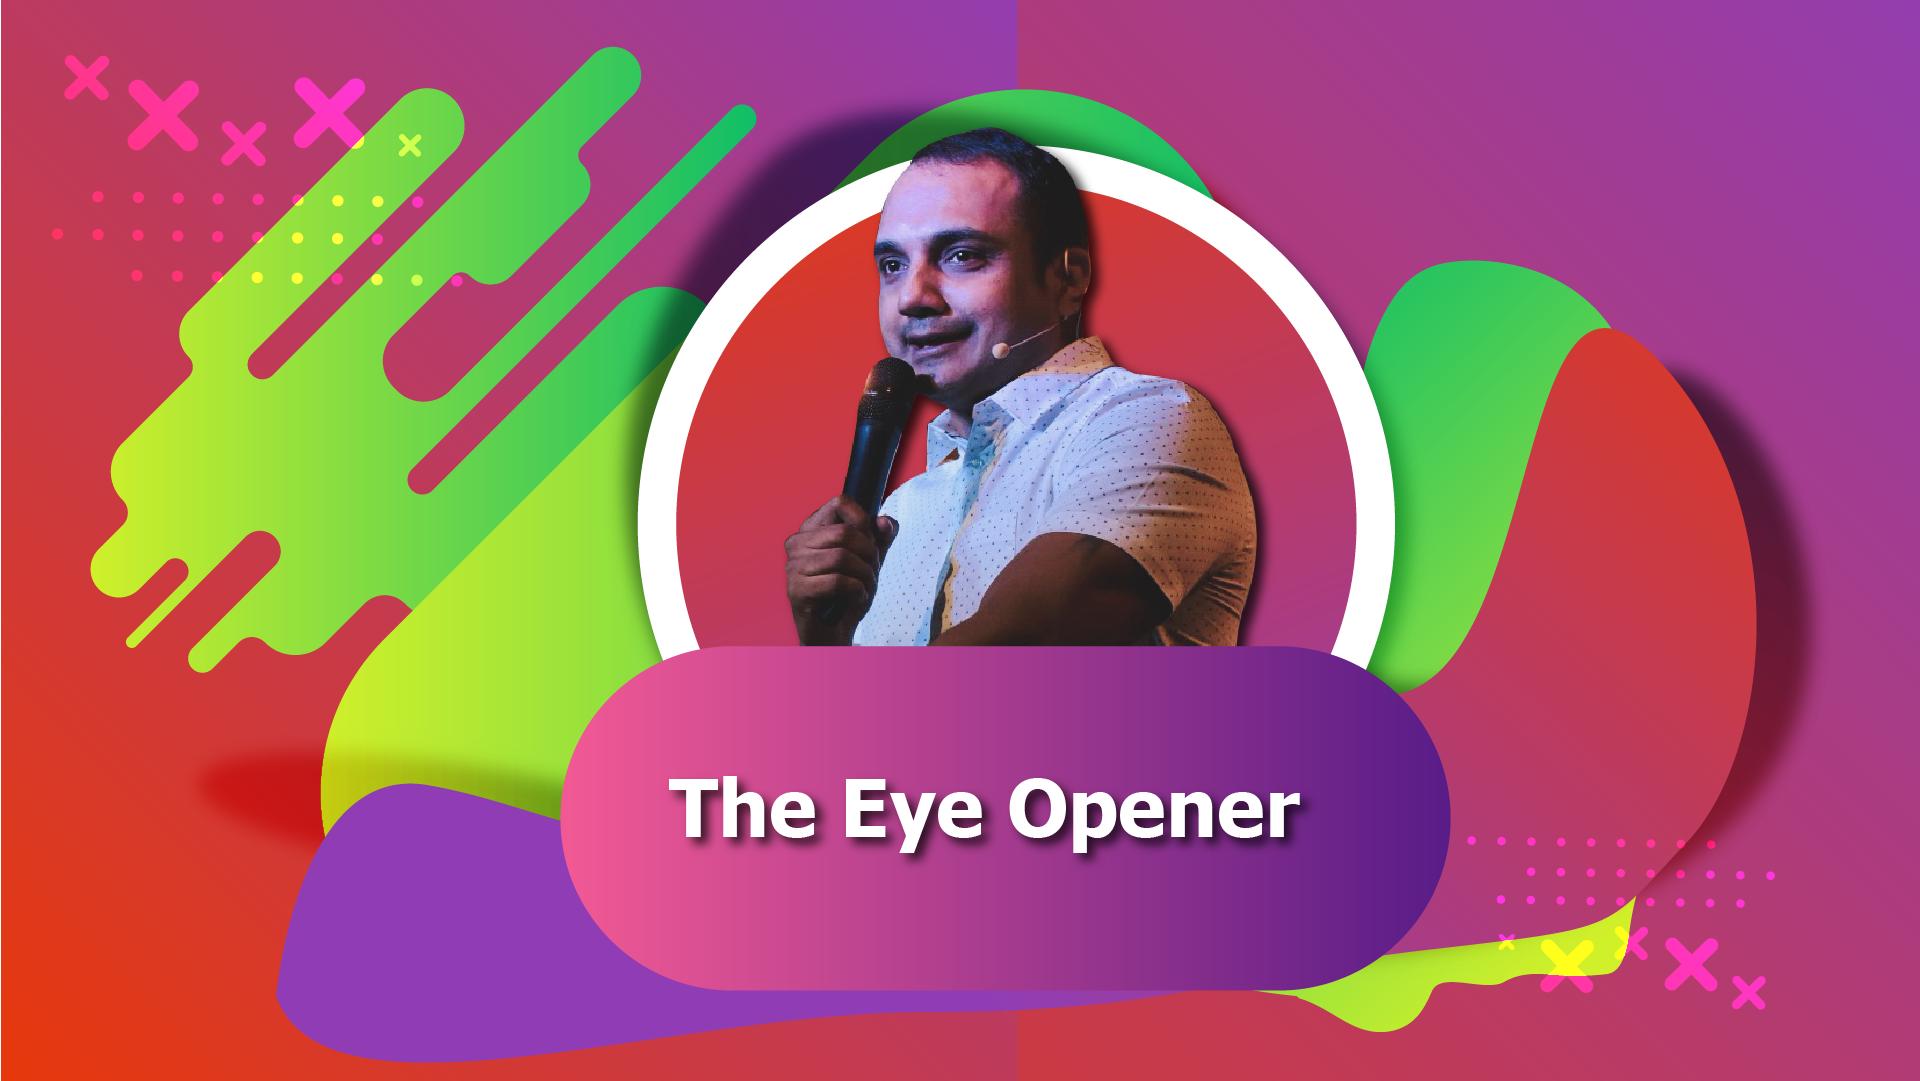 The Eye Opener